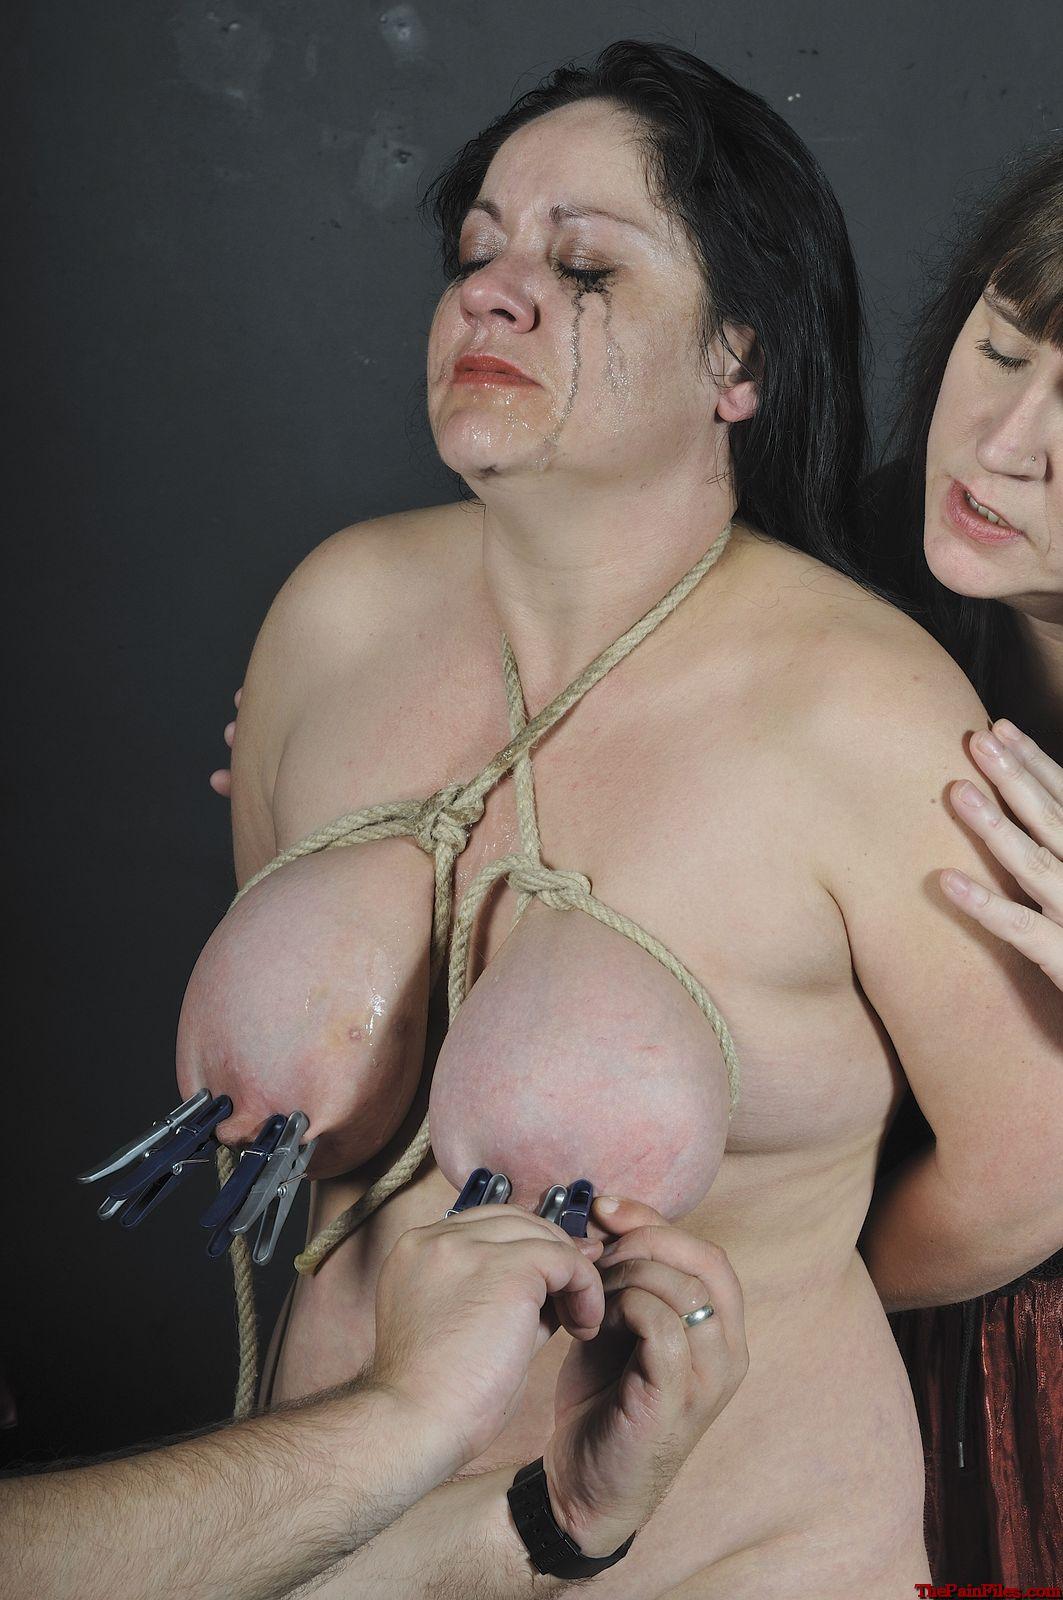 Самый жестокие порно фото 19 фотография